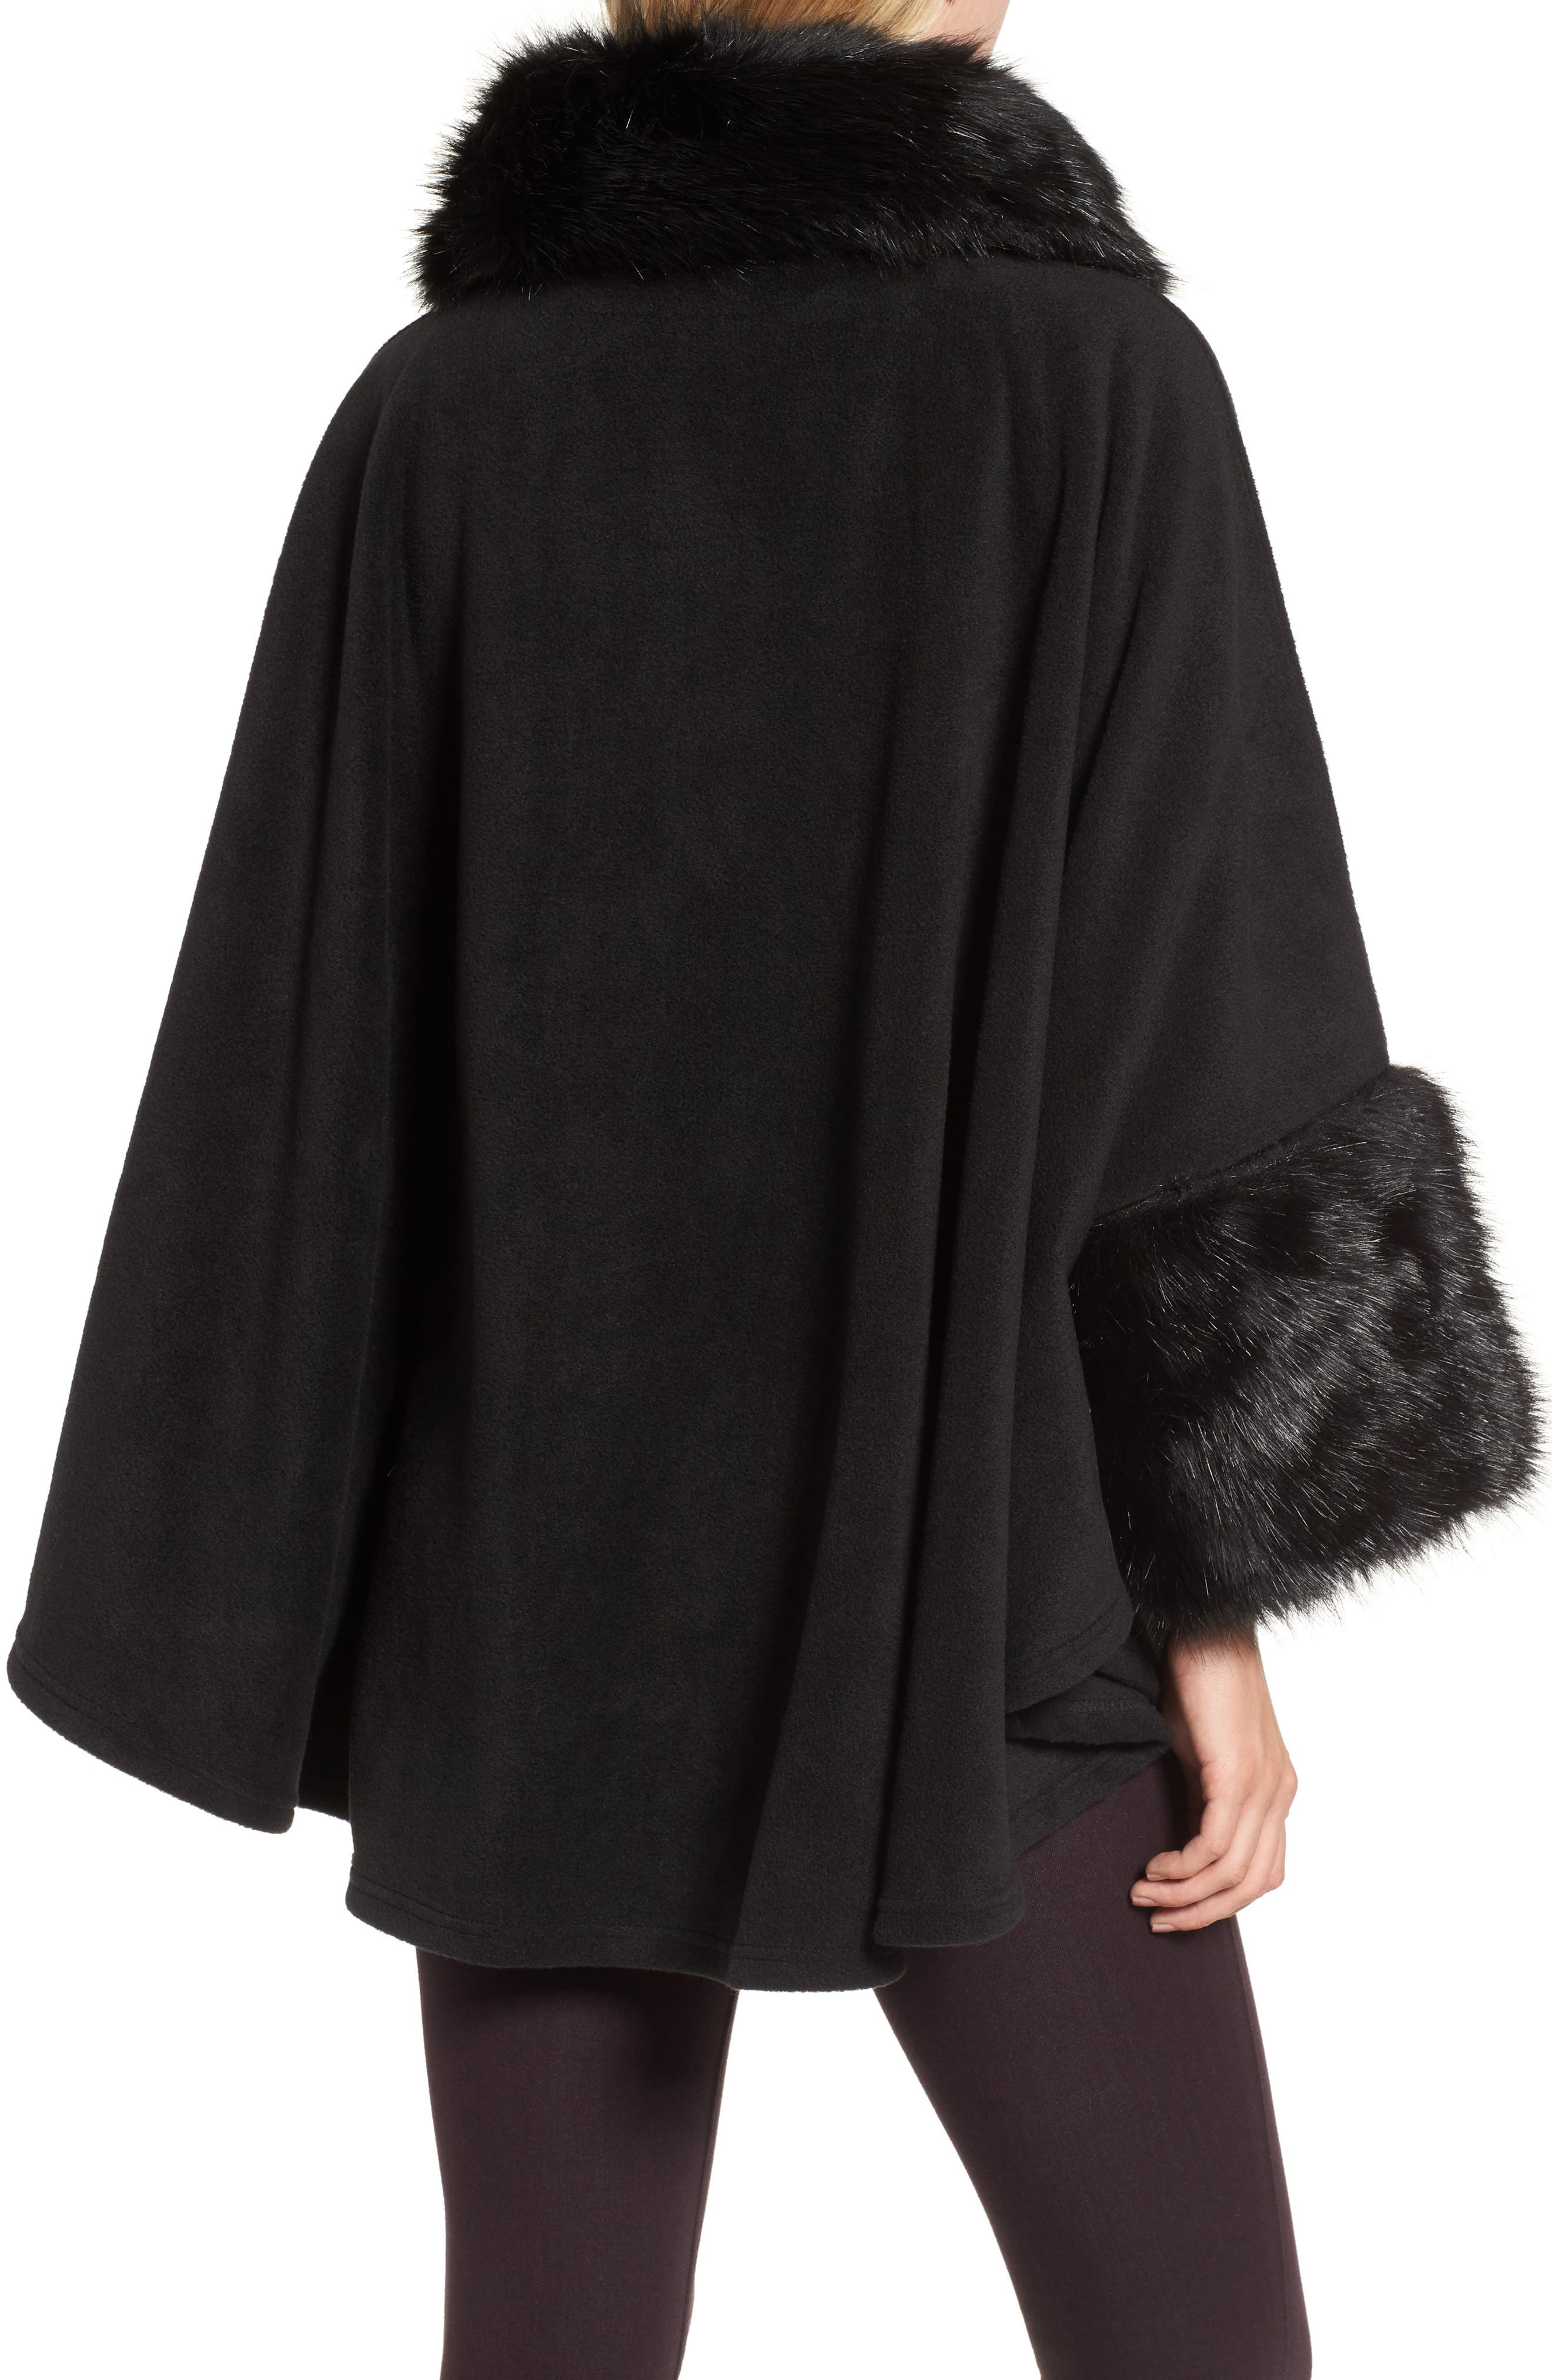 Chelsea Cape with Faux Fur Trim,                             Alternate thumbnail 2, color,                             Black/ Black Mink